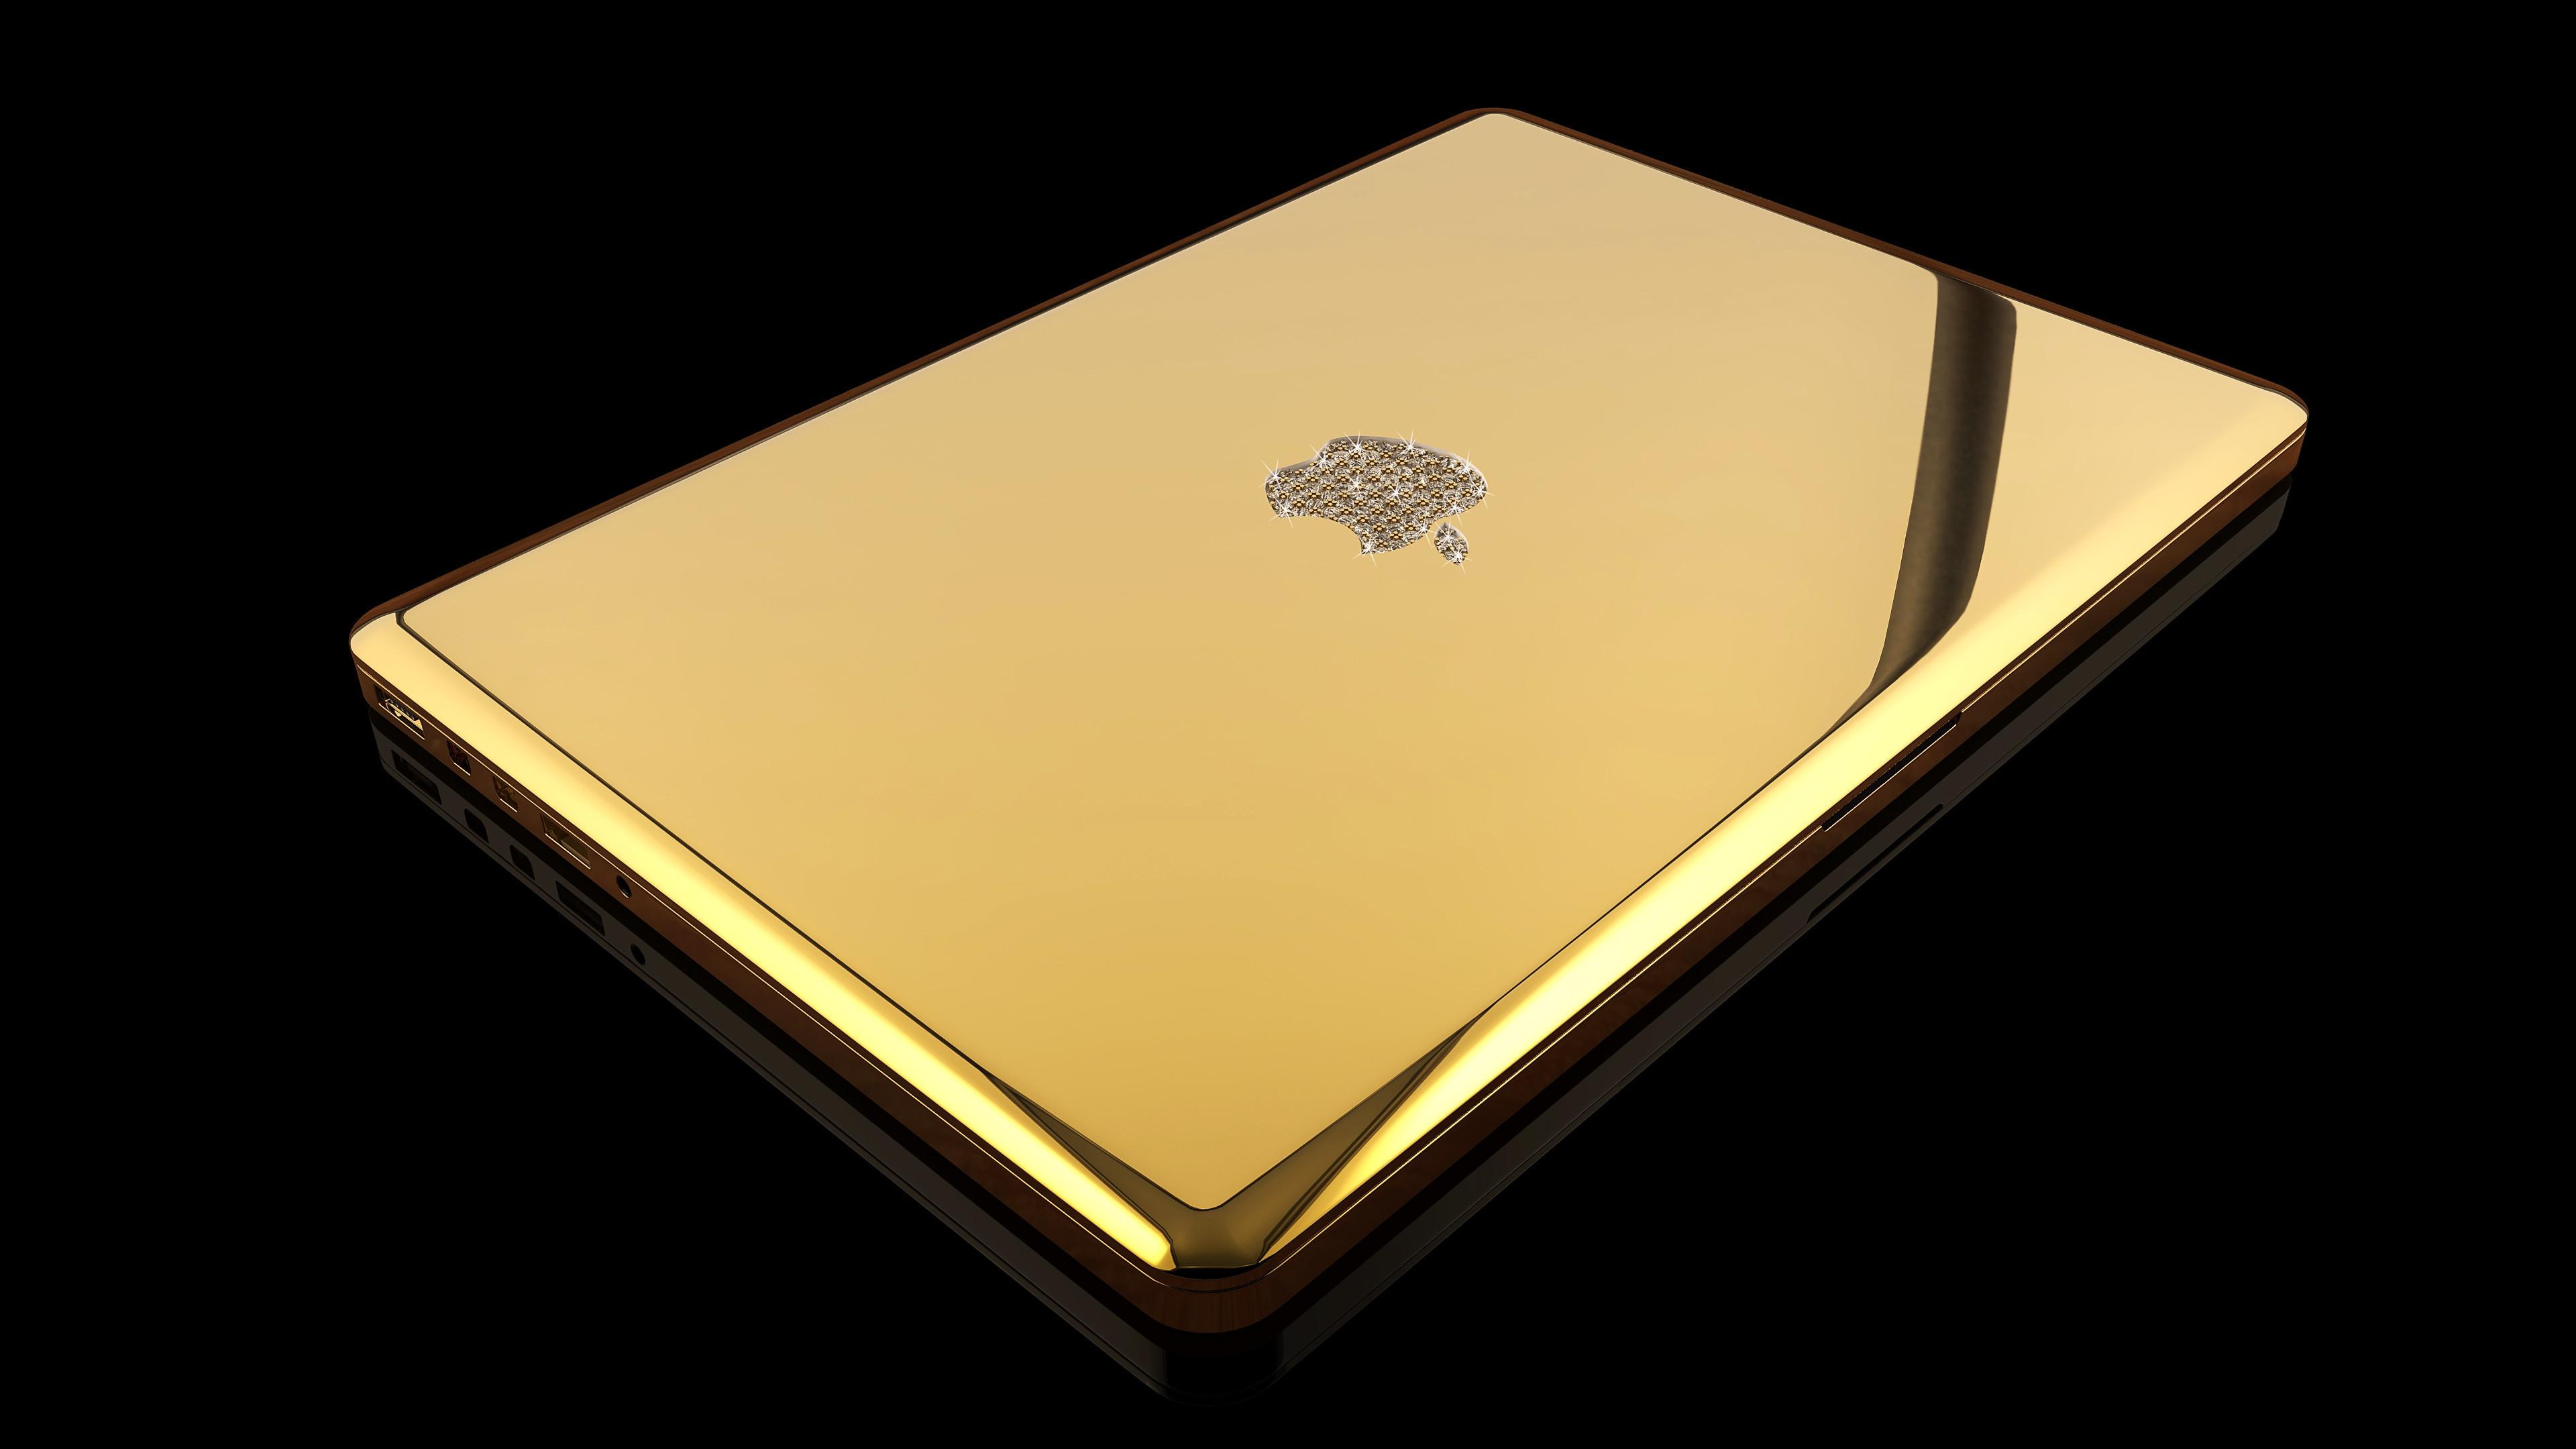 10 chiếc laptop đắt nhất thế giới có thể bạn chưa biết